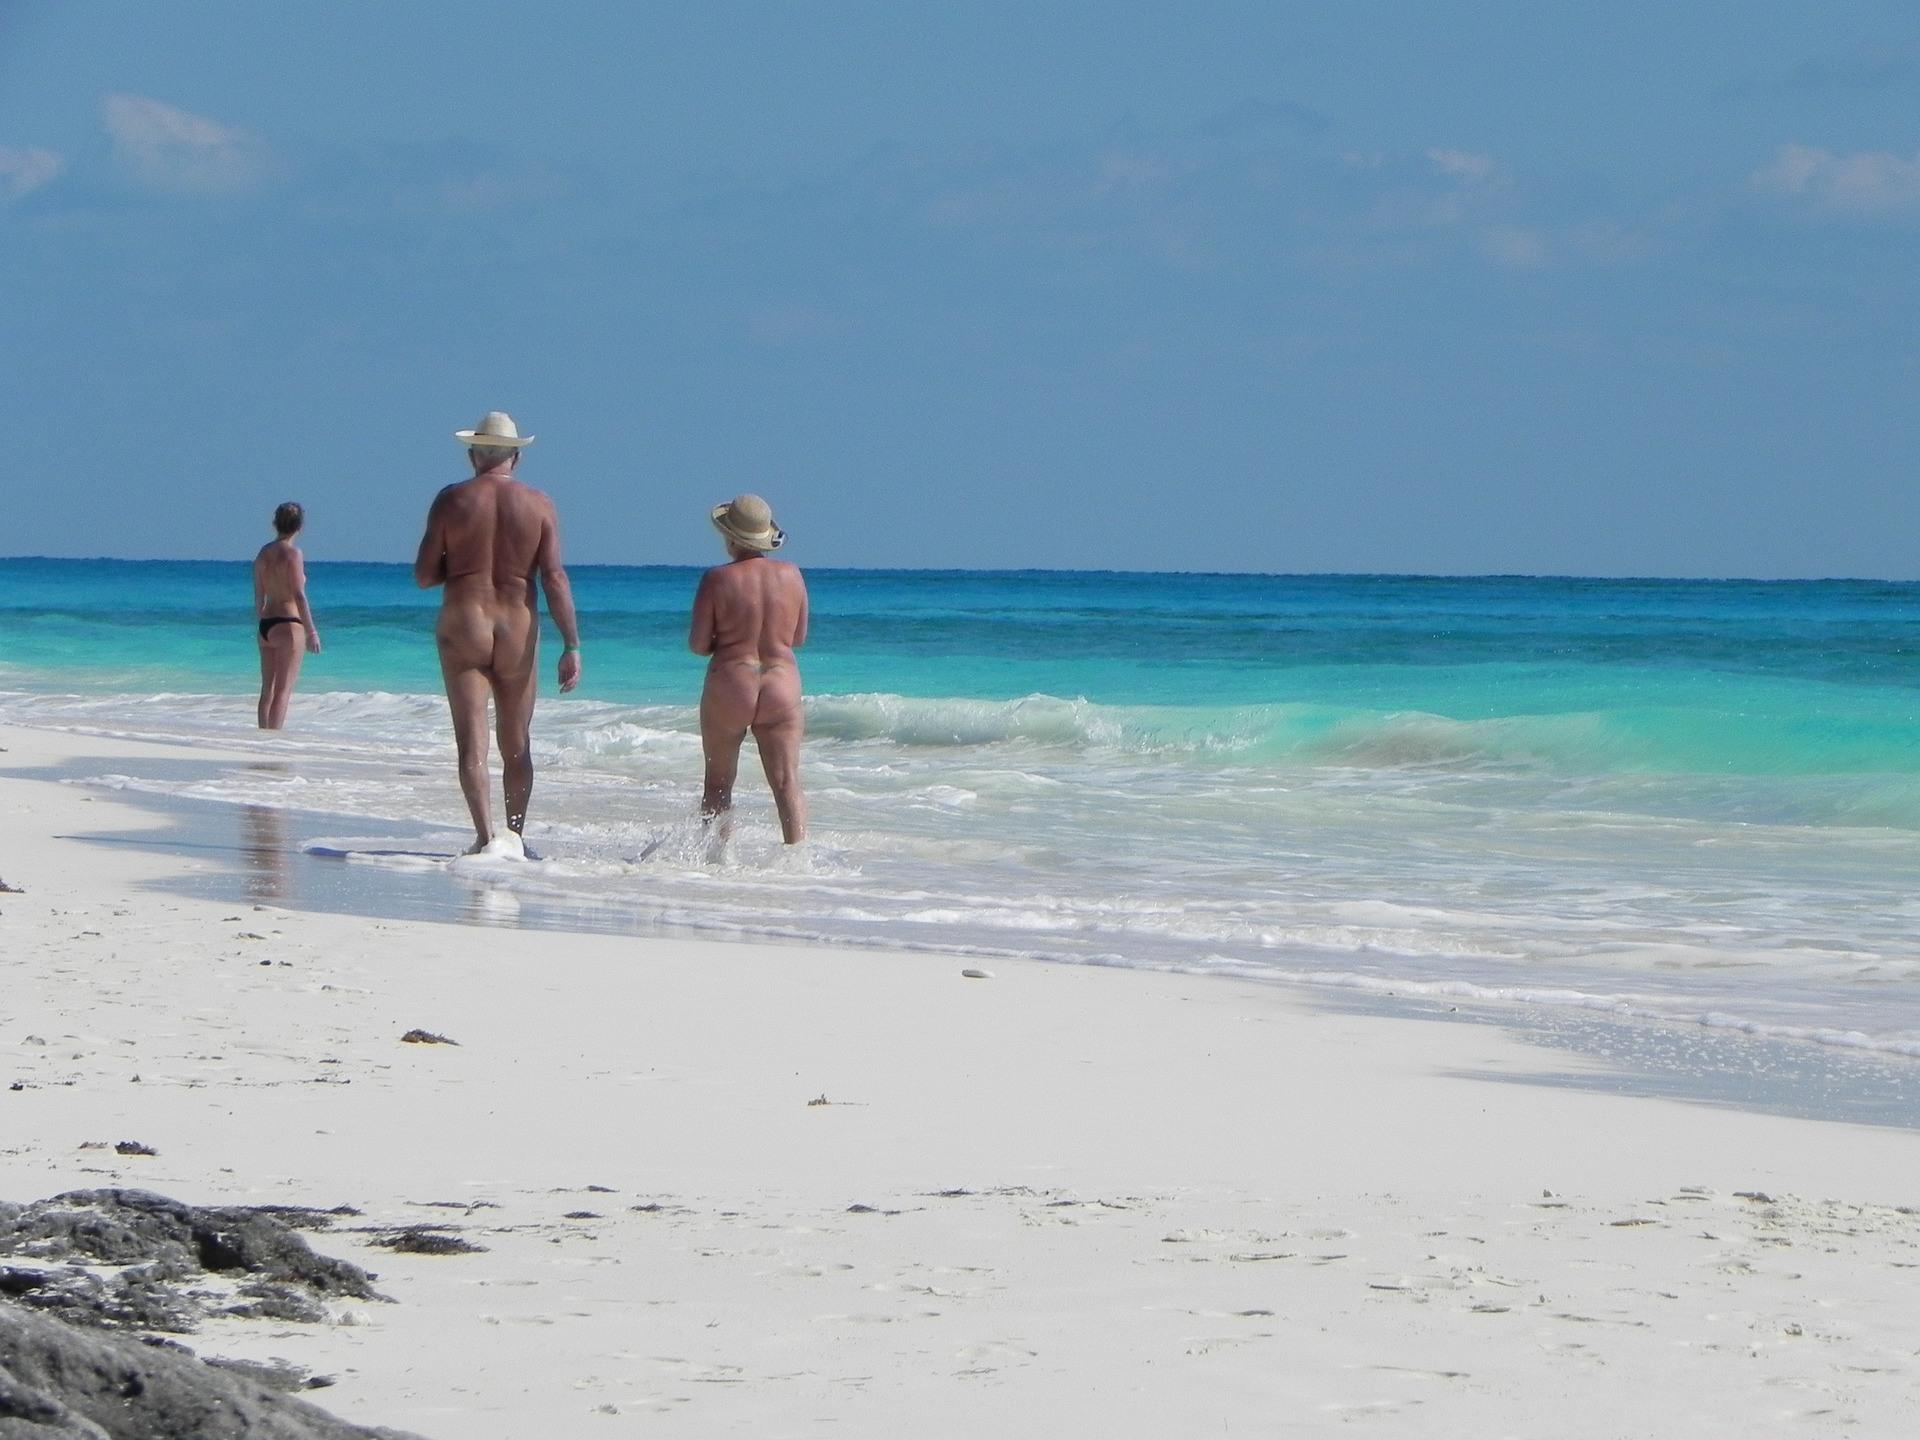 Ist es am FKK Strand erlaubt zu Masturbieren?